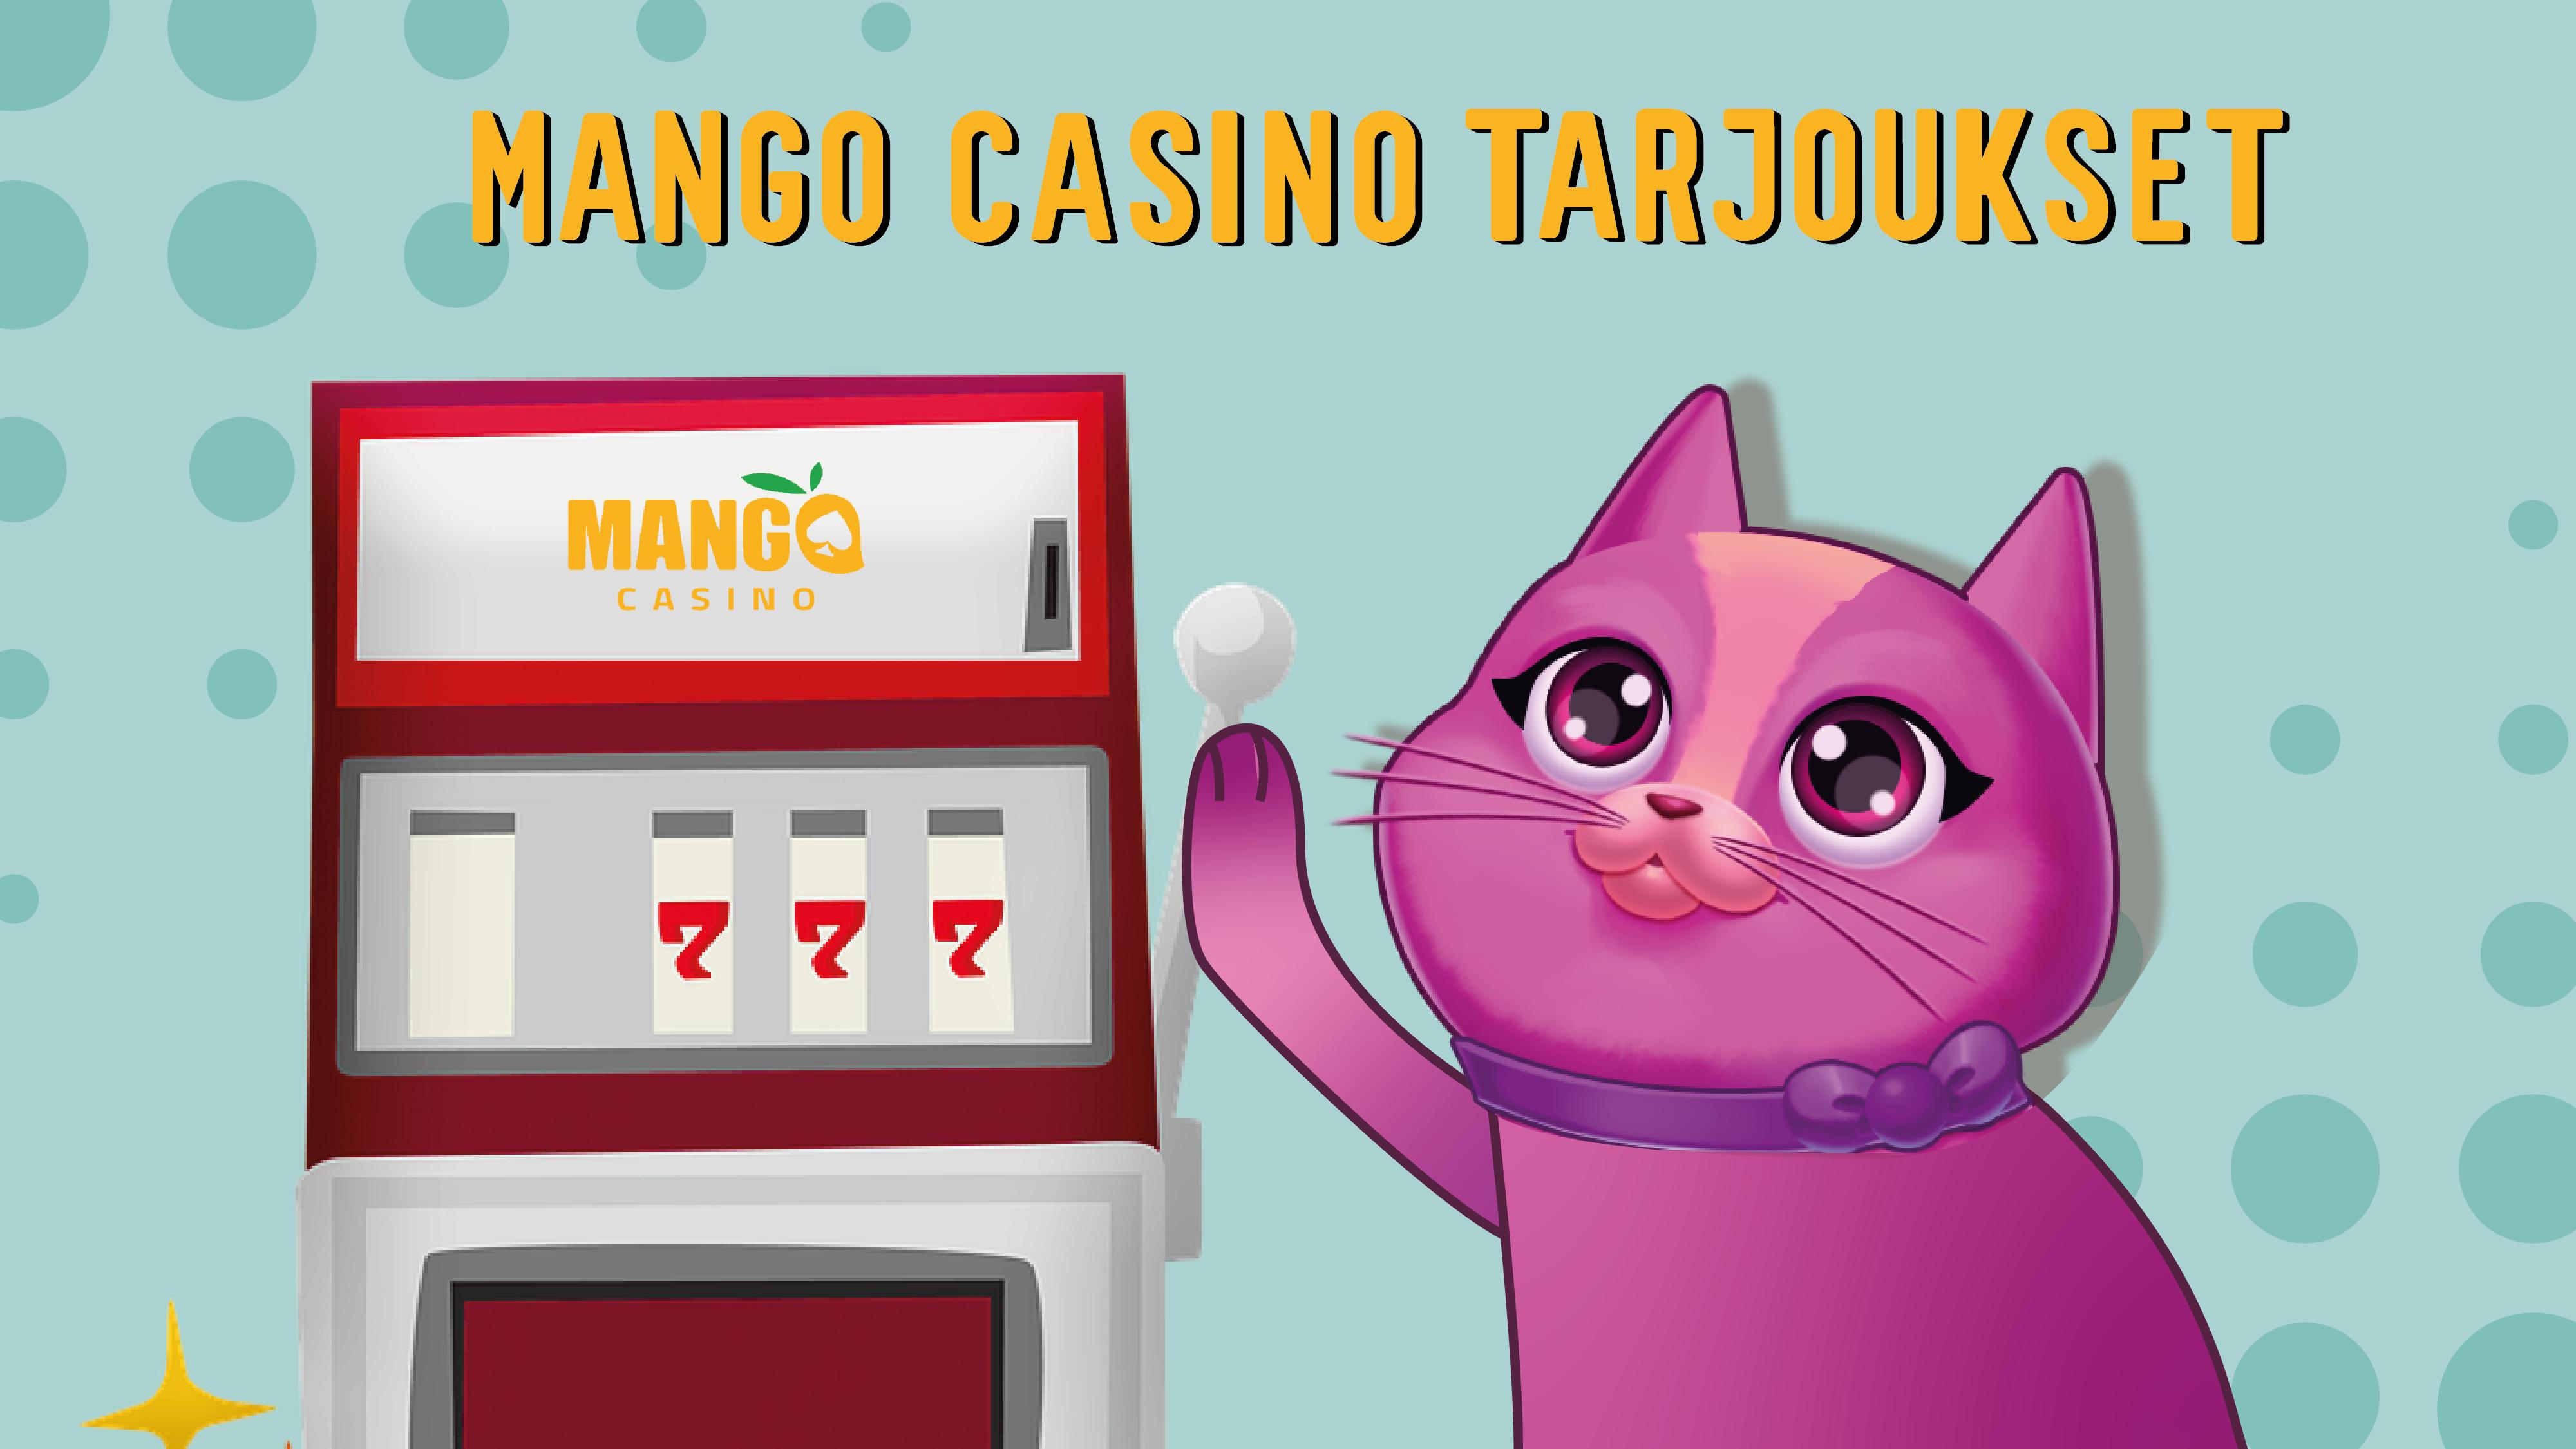 Mango Casinon viikon tarjoukset